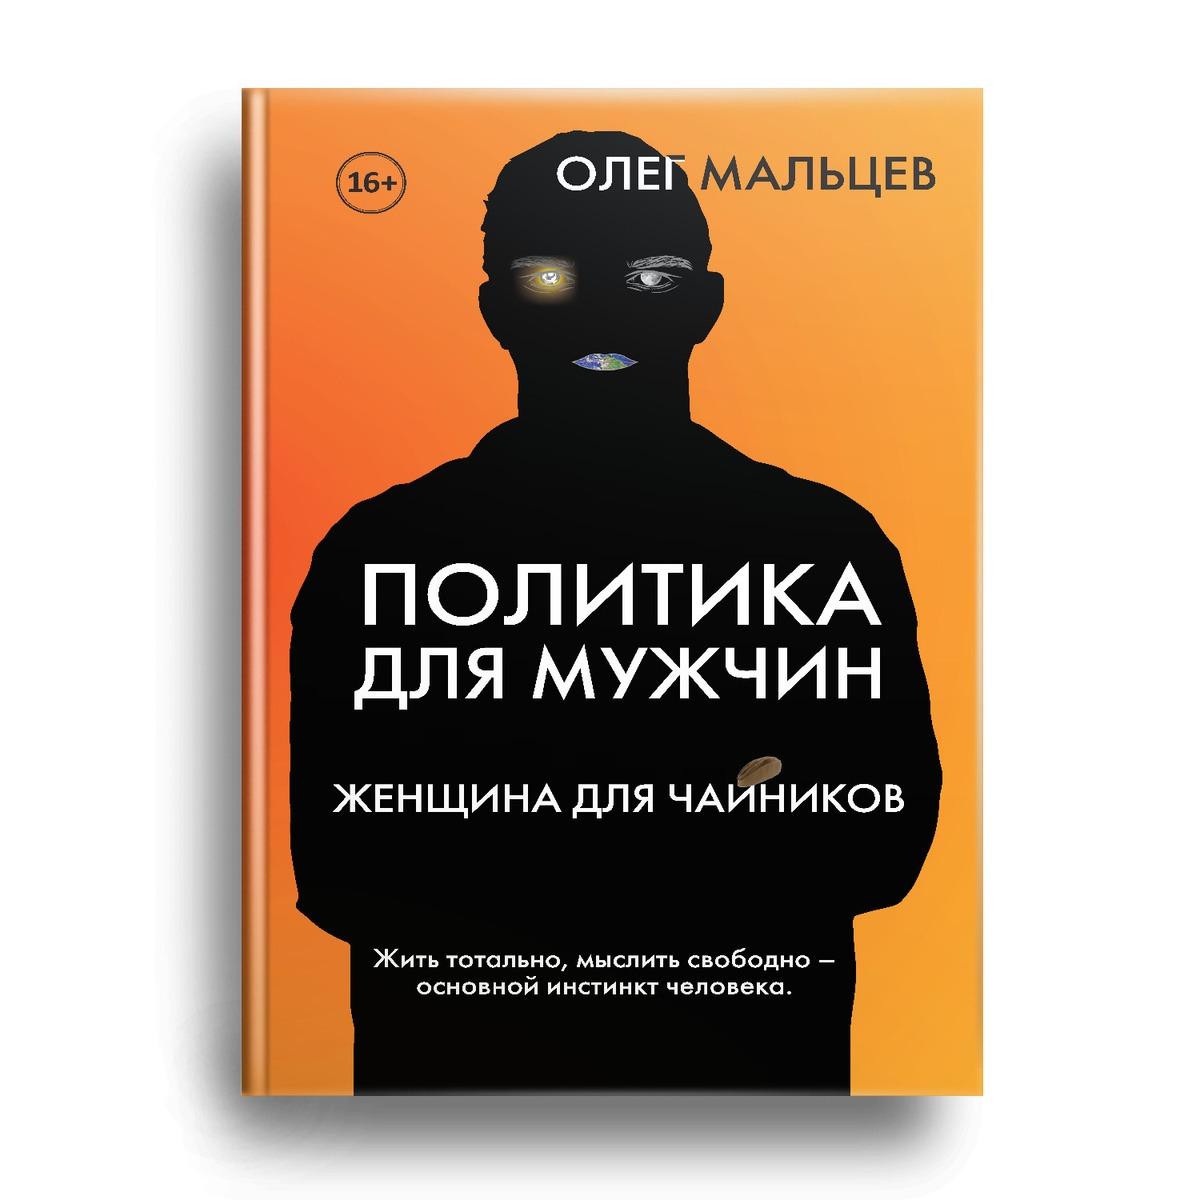 Мужчины в России становятся политически активными и открывают новый семейный фронт